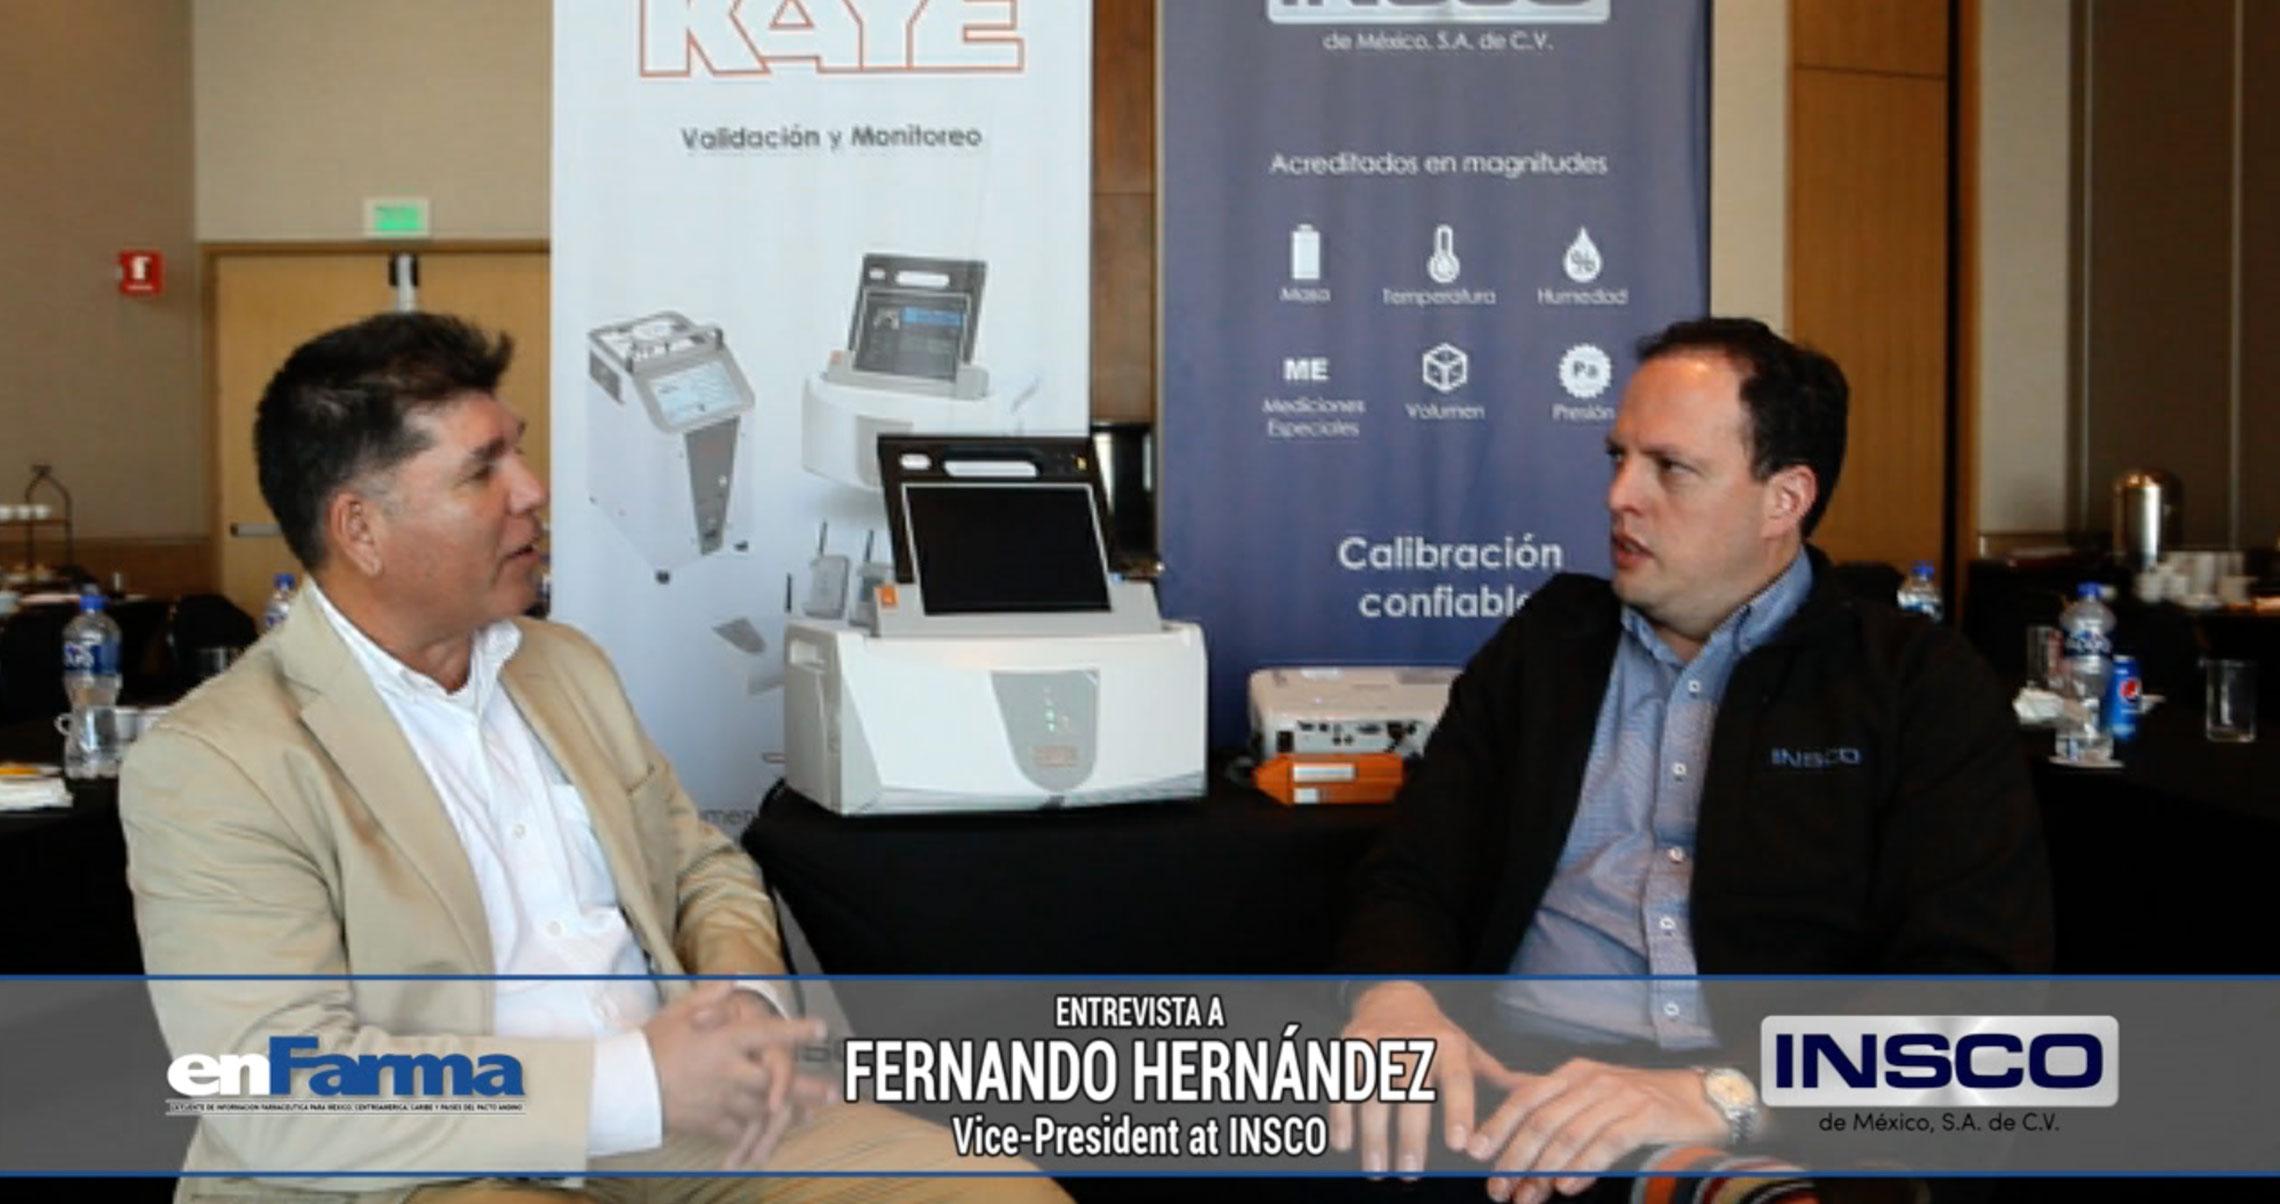 Entrevista a Fernando Hernández - VicePresident at INSCO